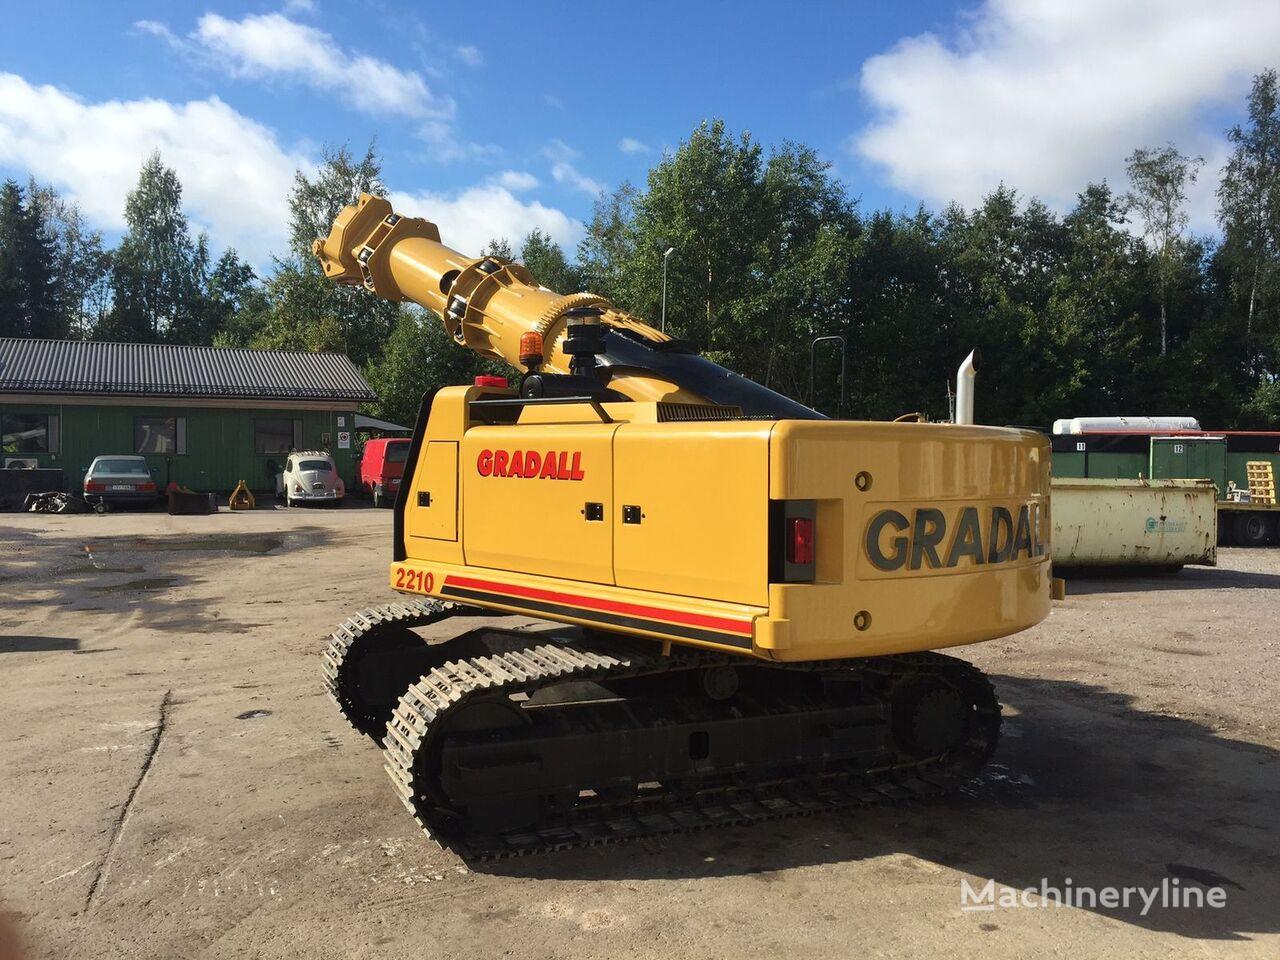 GRADALL - XL2210